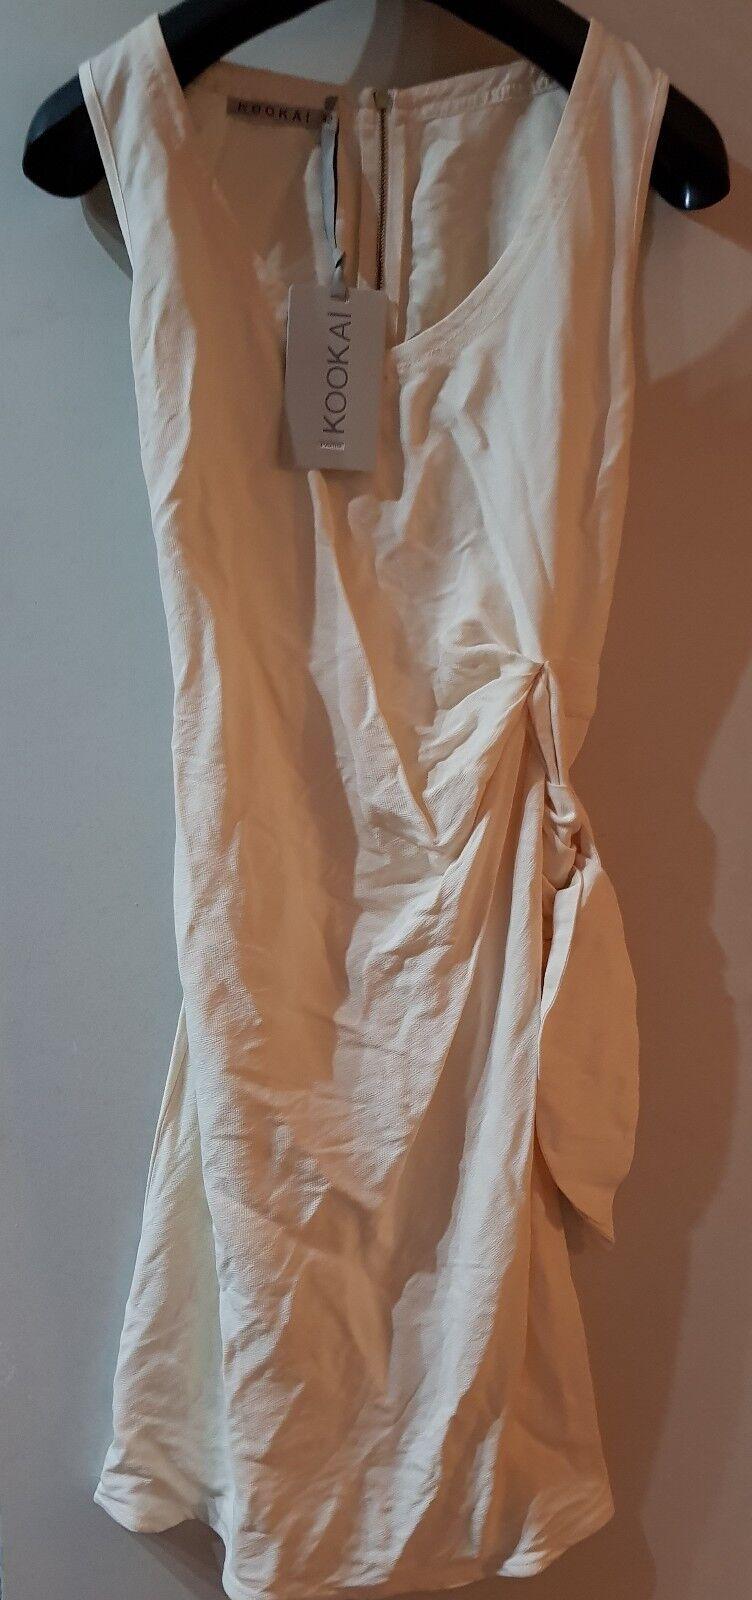 Kookai Side tie wrap dress Size 40 RRP (325)